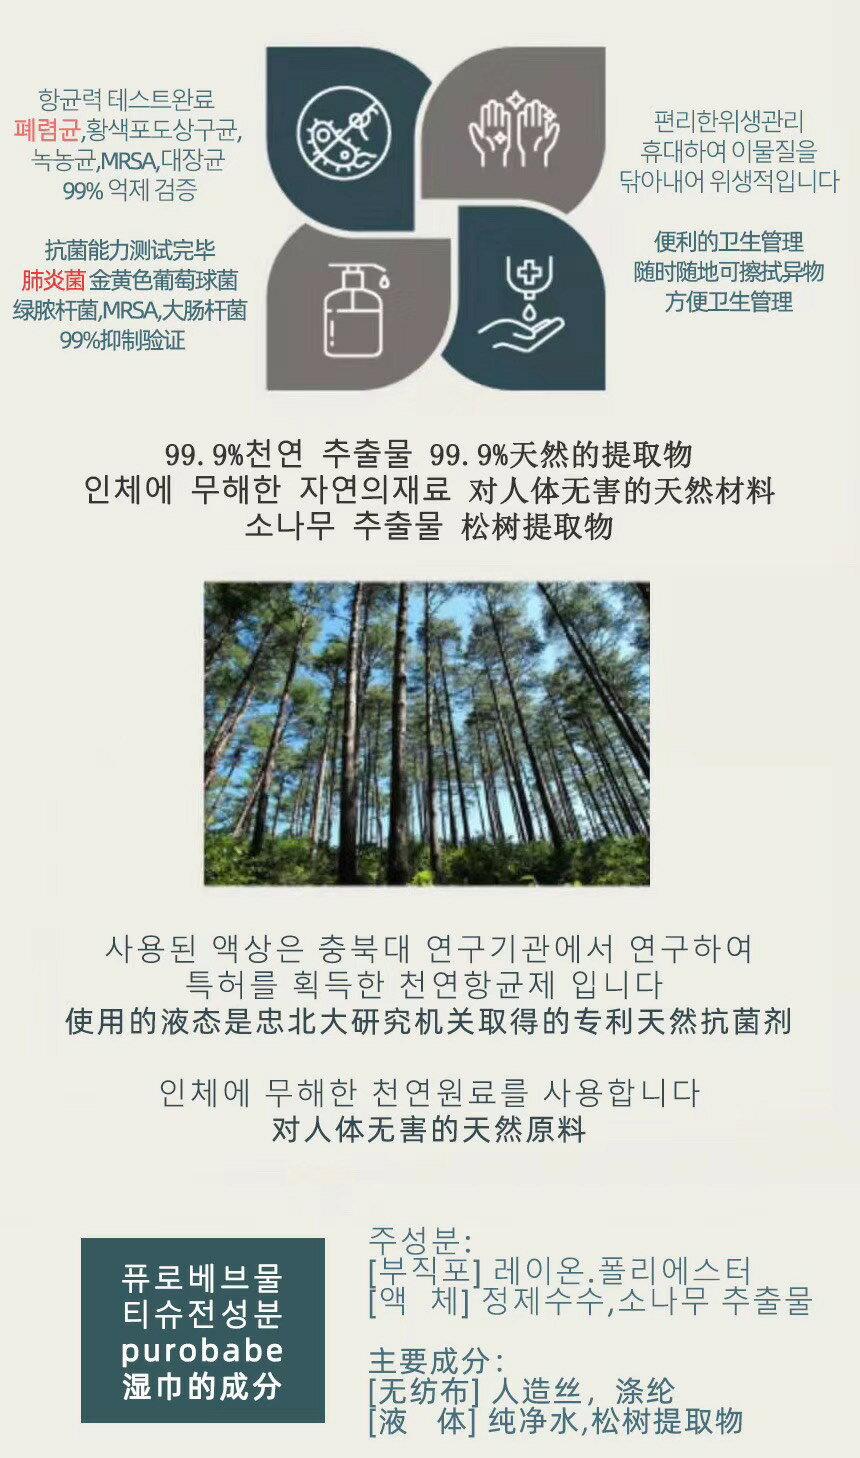 韓國PUROBABE 濕紙巾 隨身包  酒精乾洗手99.9%殺菌/消毒/清潔/抗菌濕紙巾 一包20抽